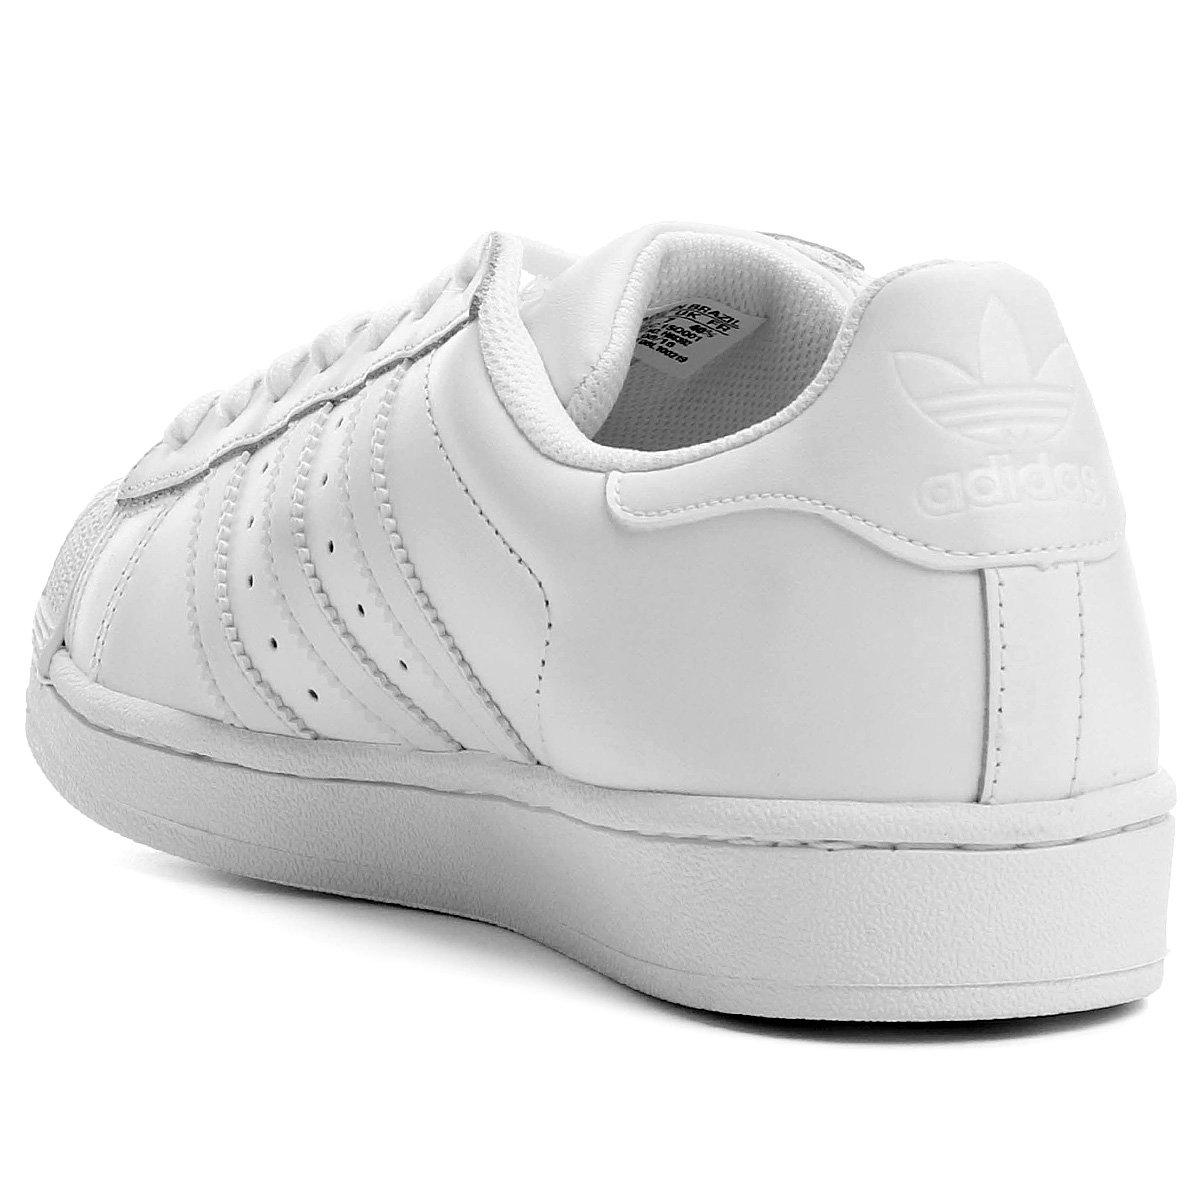 Tênis Adidas Superstar Foundation - Branco - Compre Agora  d1096676f4f70